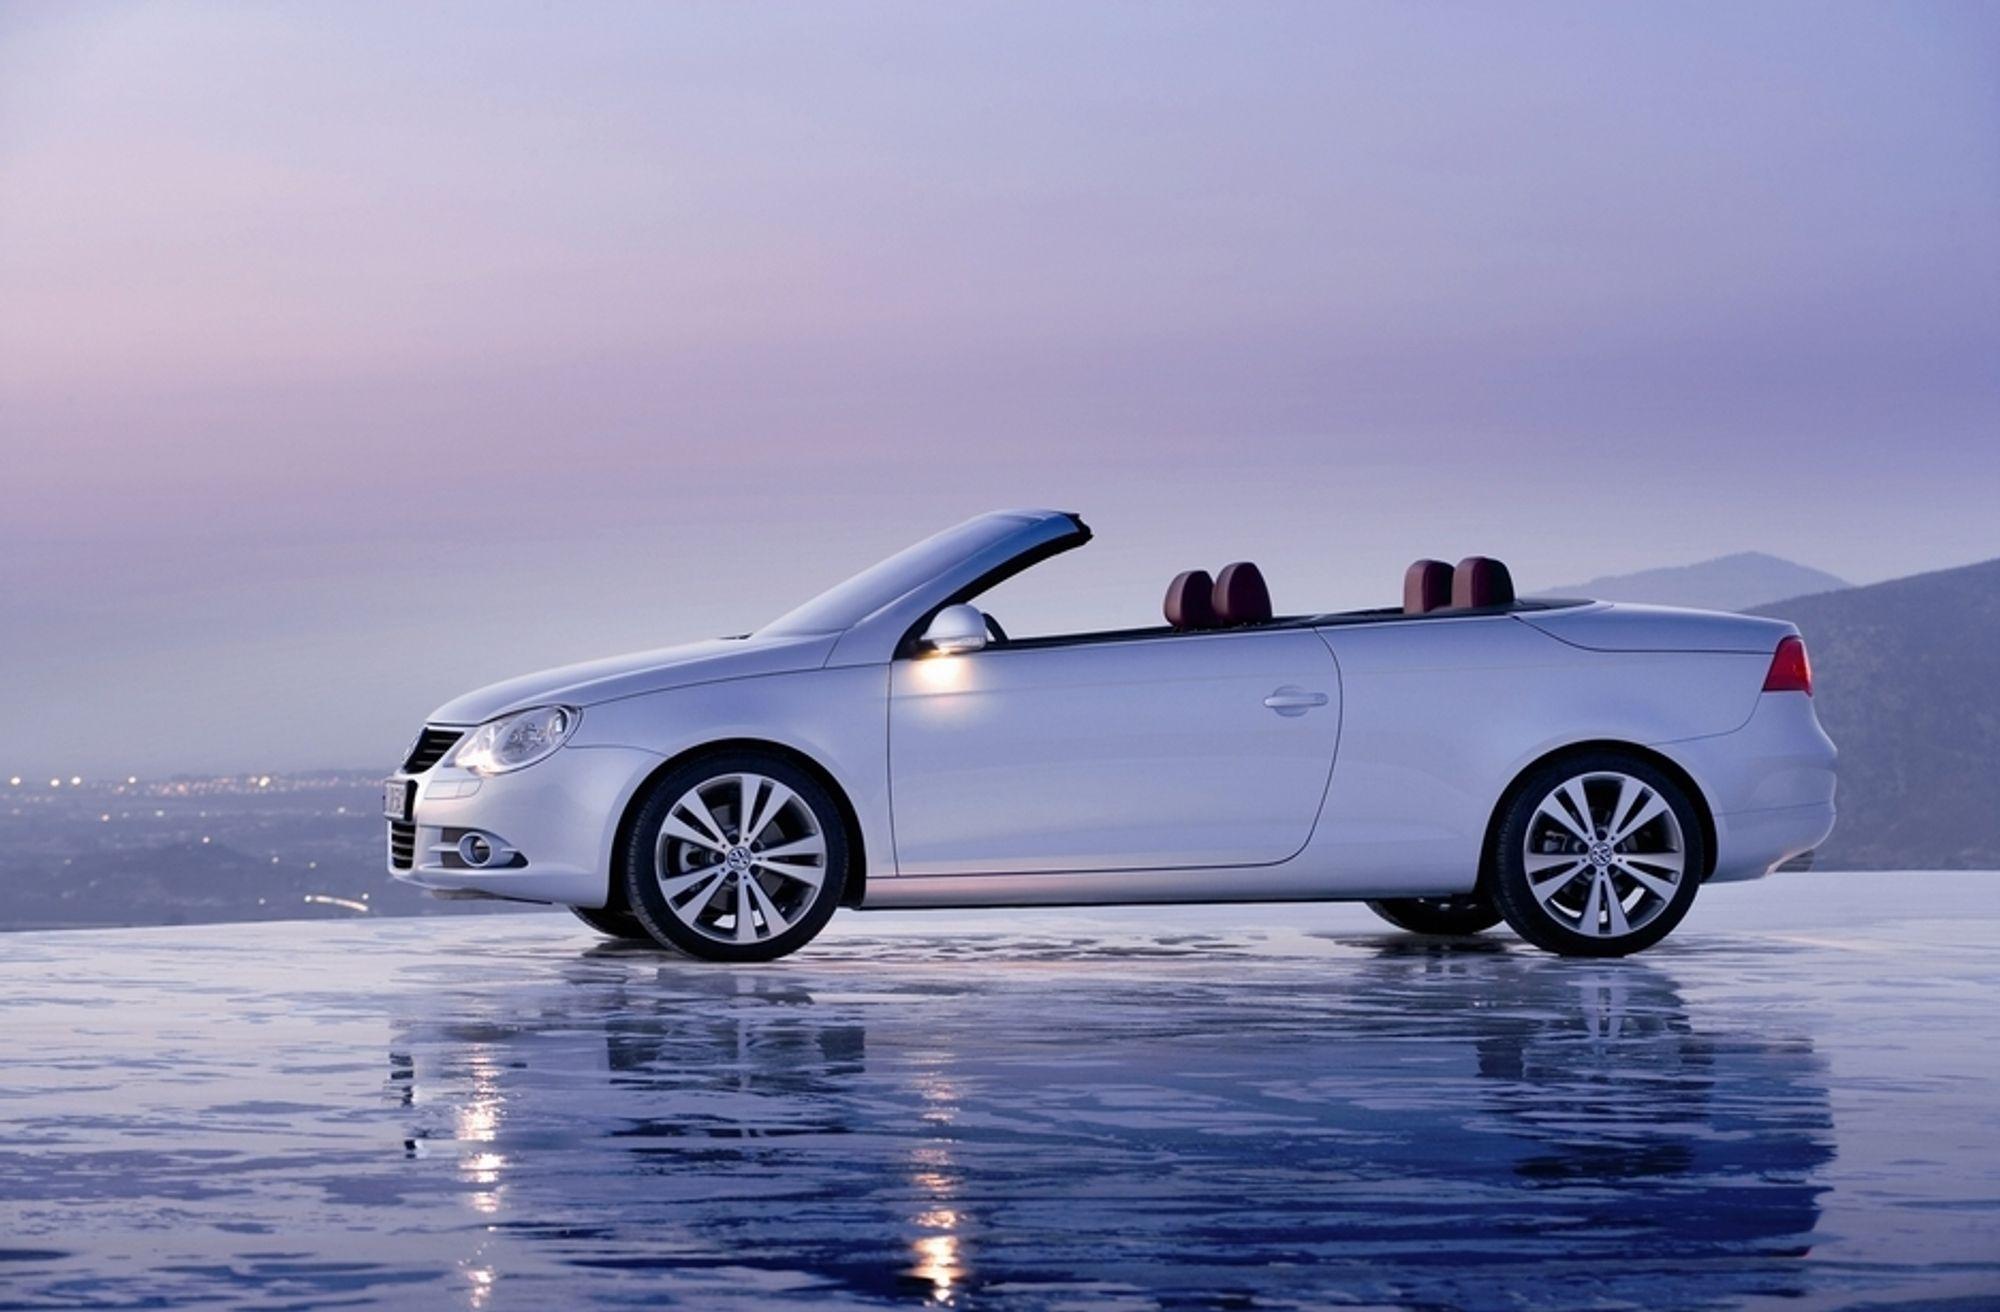 GLATT: VW hevder selv at Eos har en luftmotstand på 0,29. Jaså. Det er med taket lukket det, VW. En cabrio ligger gjerne på 0,4 i motstandsfaktor den, i åpnet tilstand. Linjene er lekre, eller? Bilen har femdelt elektrisk operert tak og er fullt vinterisolert.